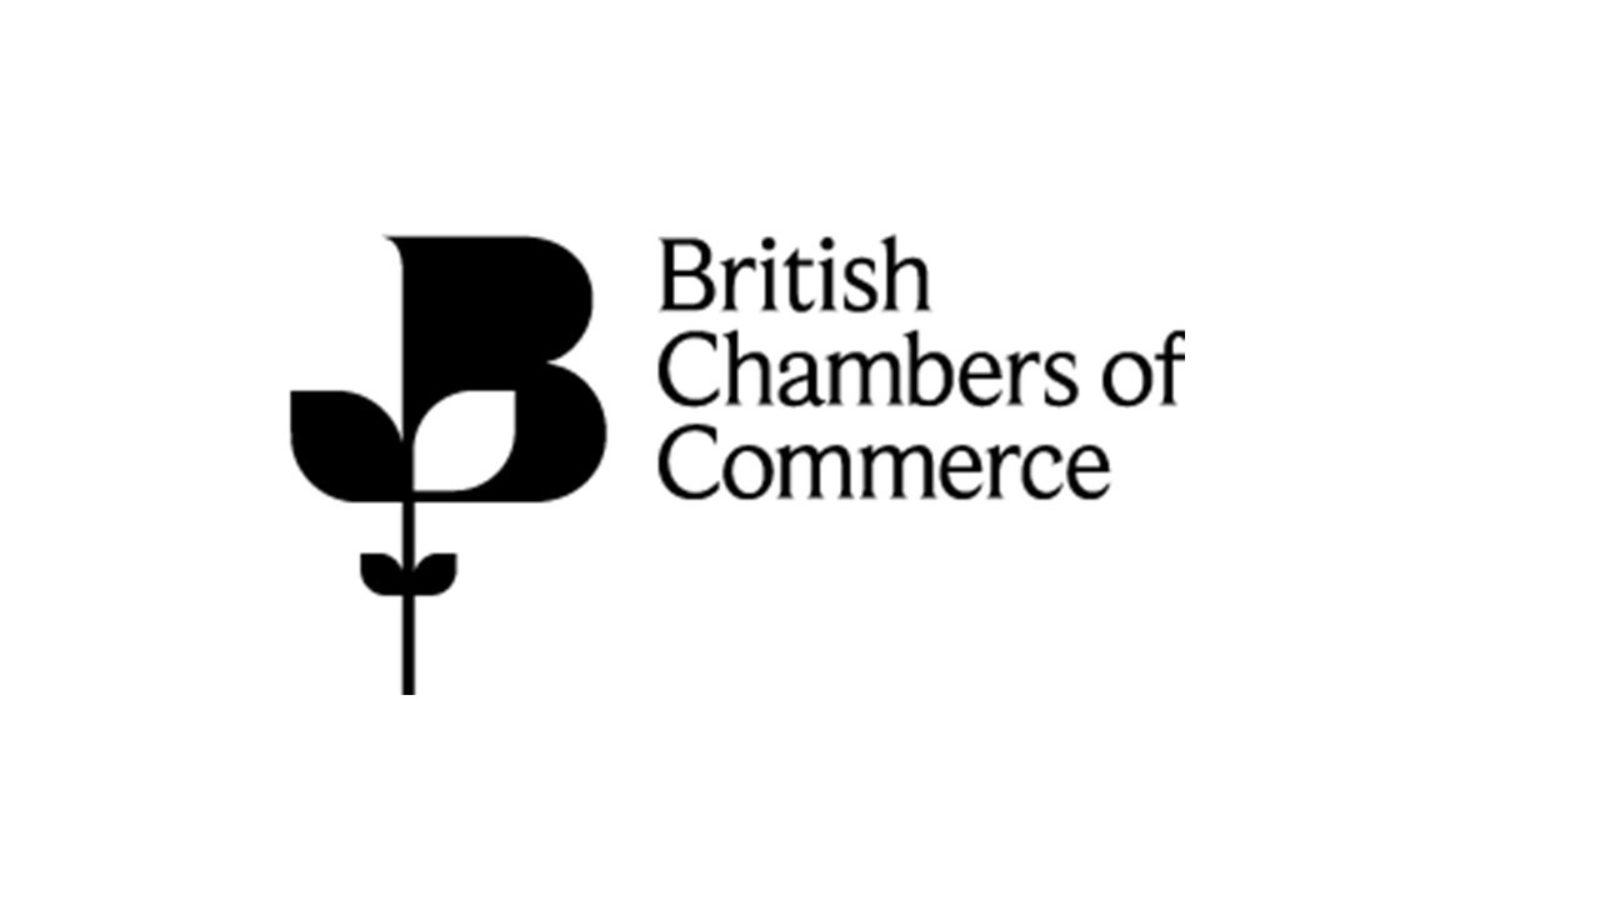 British Chambers of Commerce BCC